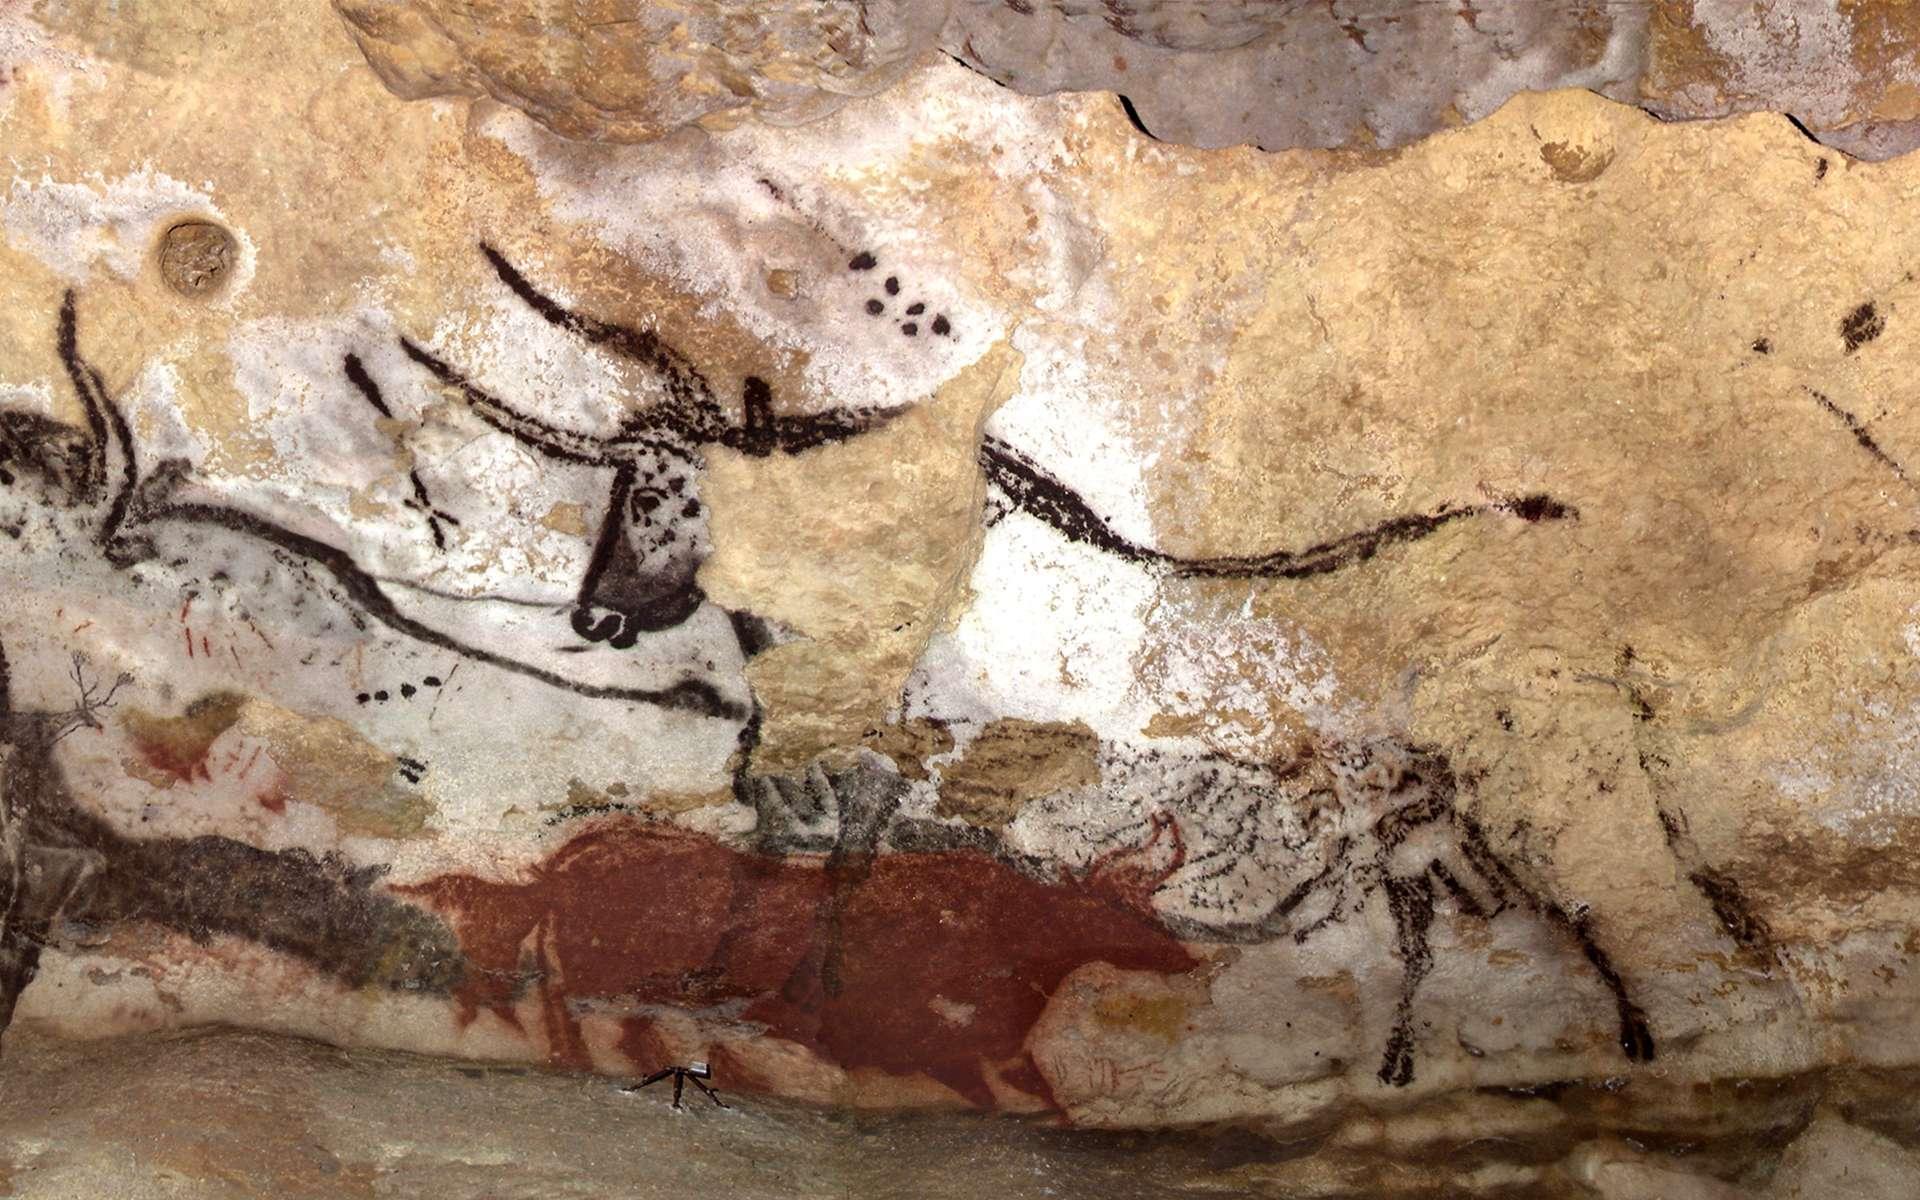 La visite des grottes de Lascaux est en réalité une visite de reproduction, car Lascaux I a été endommagé par le tourisme de masse. © Tractatus, Flickr, CC by-nc-sa 2.0